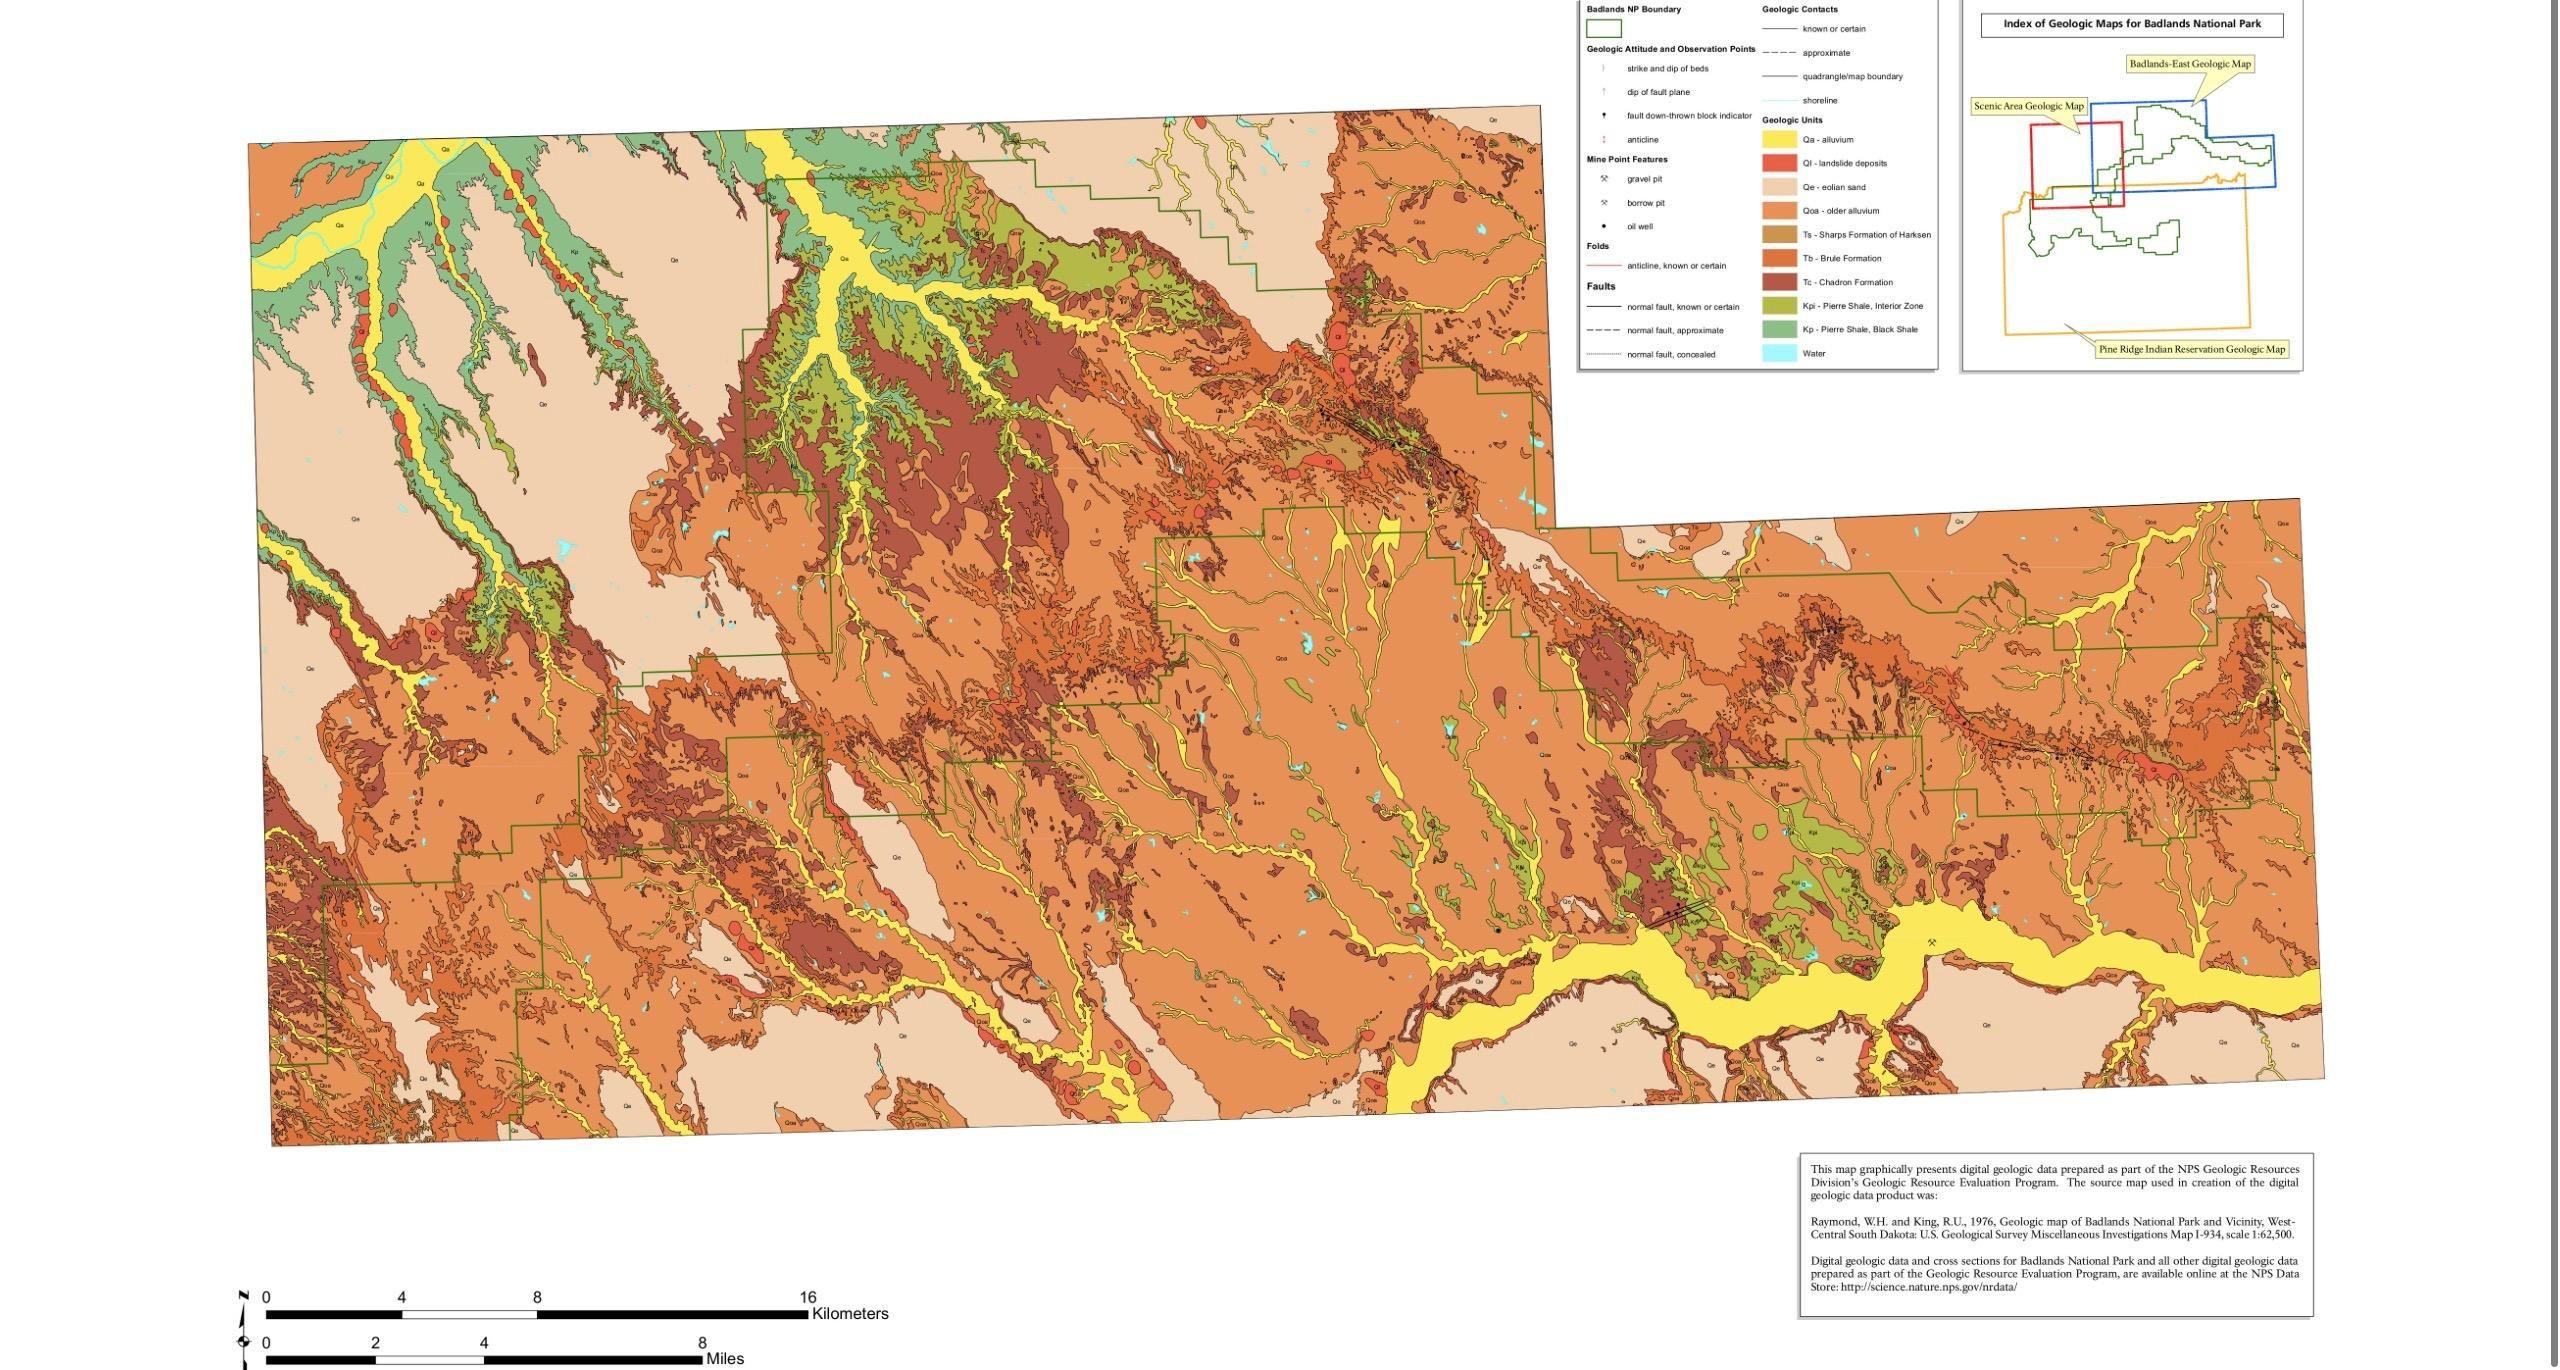 Geological Map of Badlands National Park South